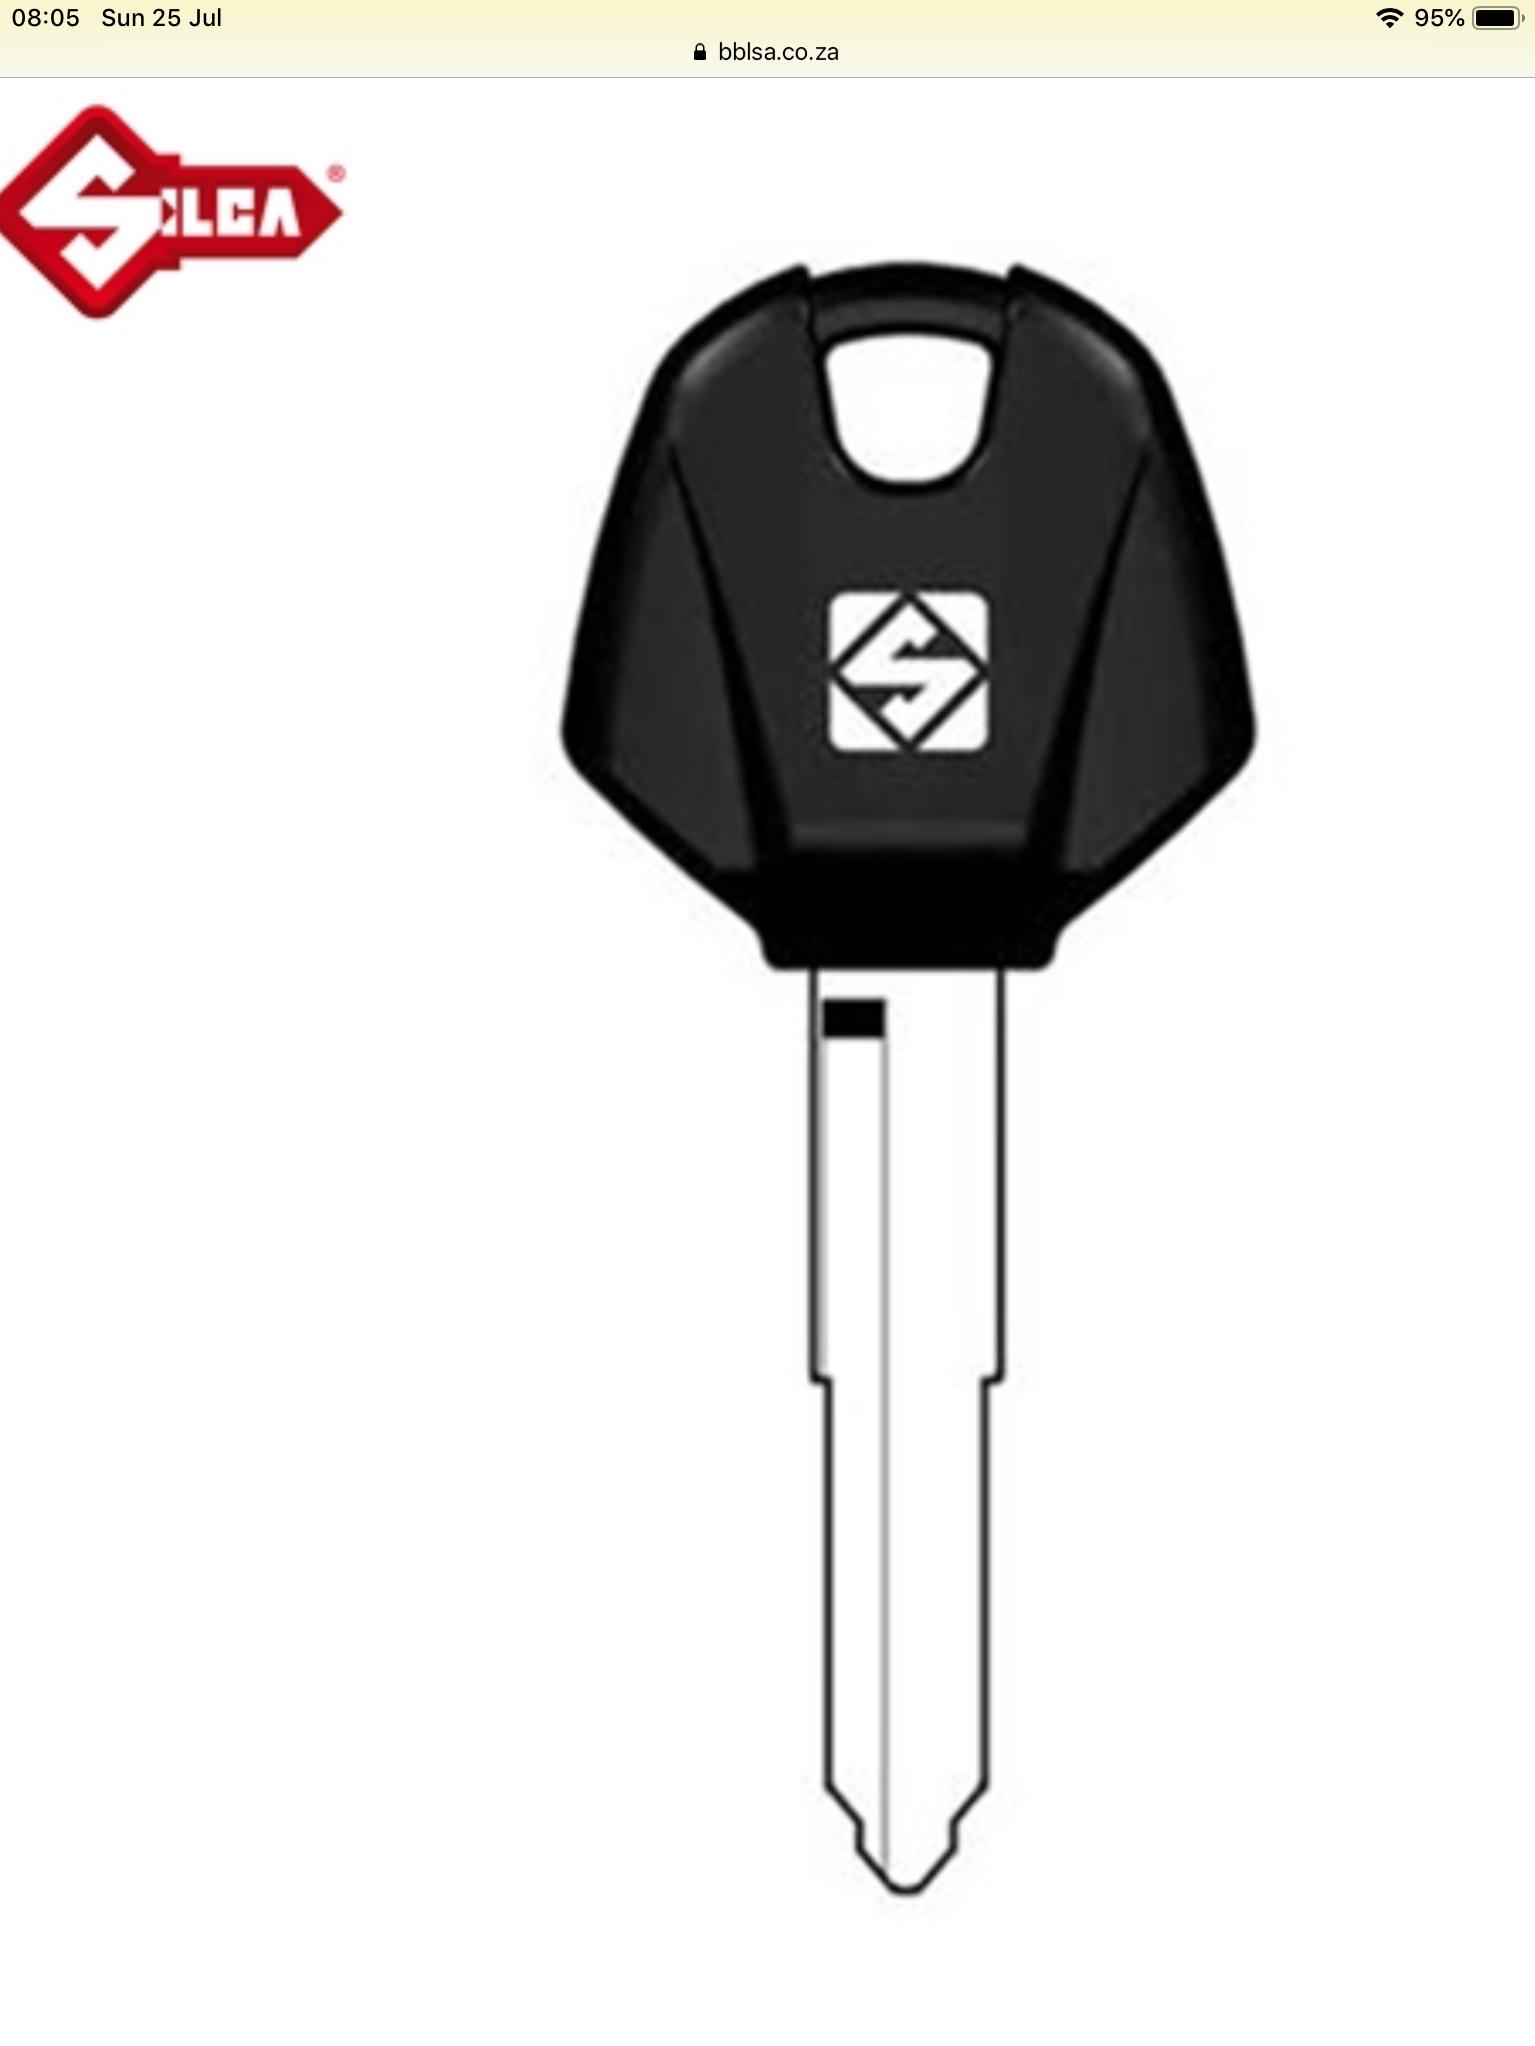 Transponder keys for yamaha/vespa